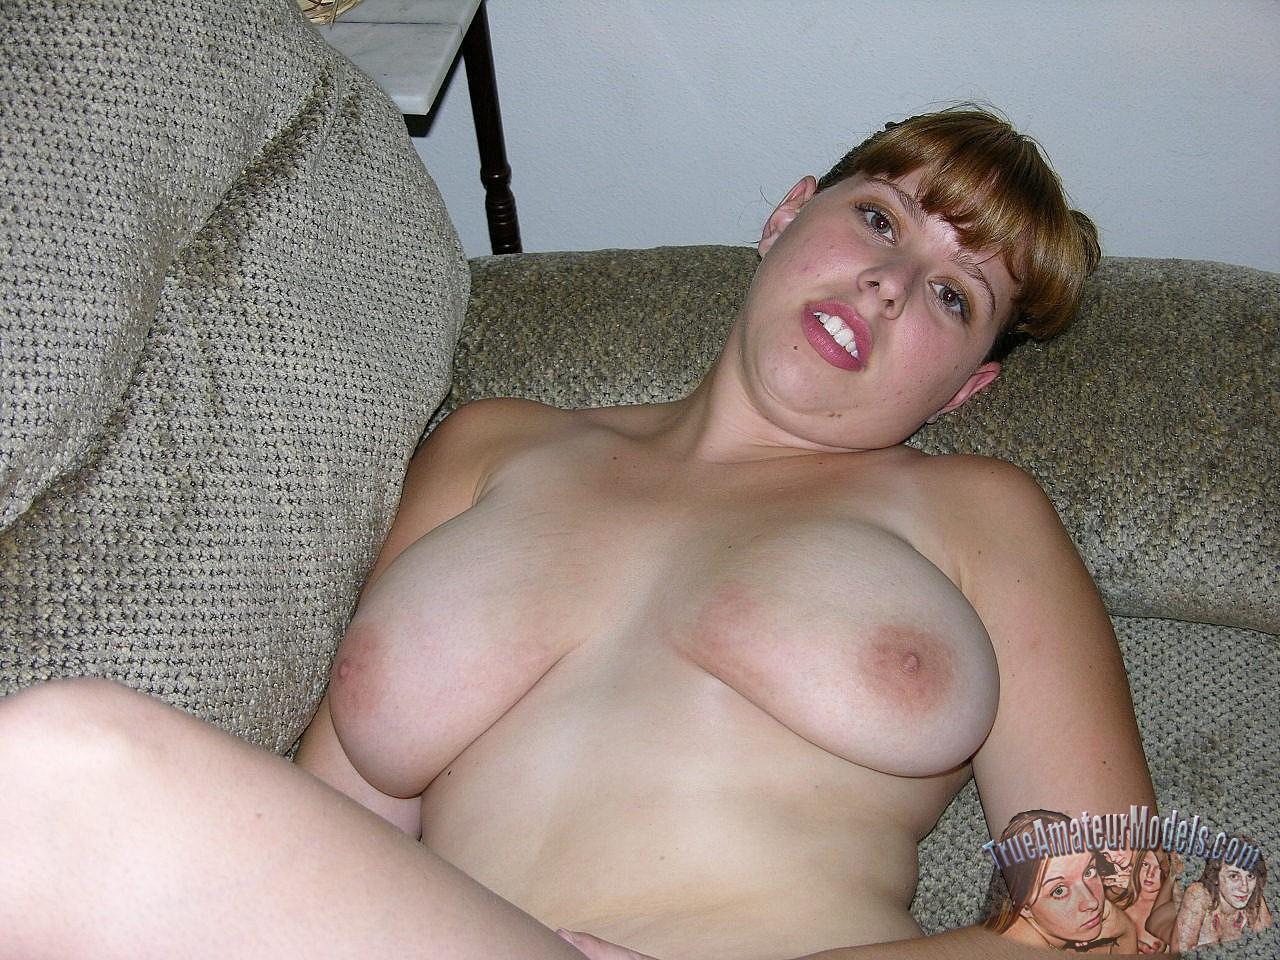 Girl nude spread amateur